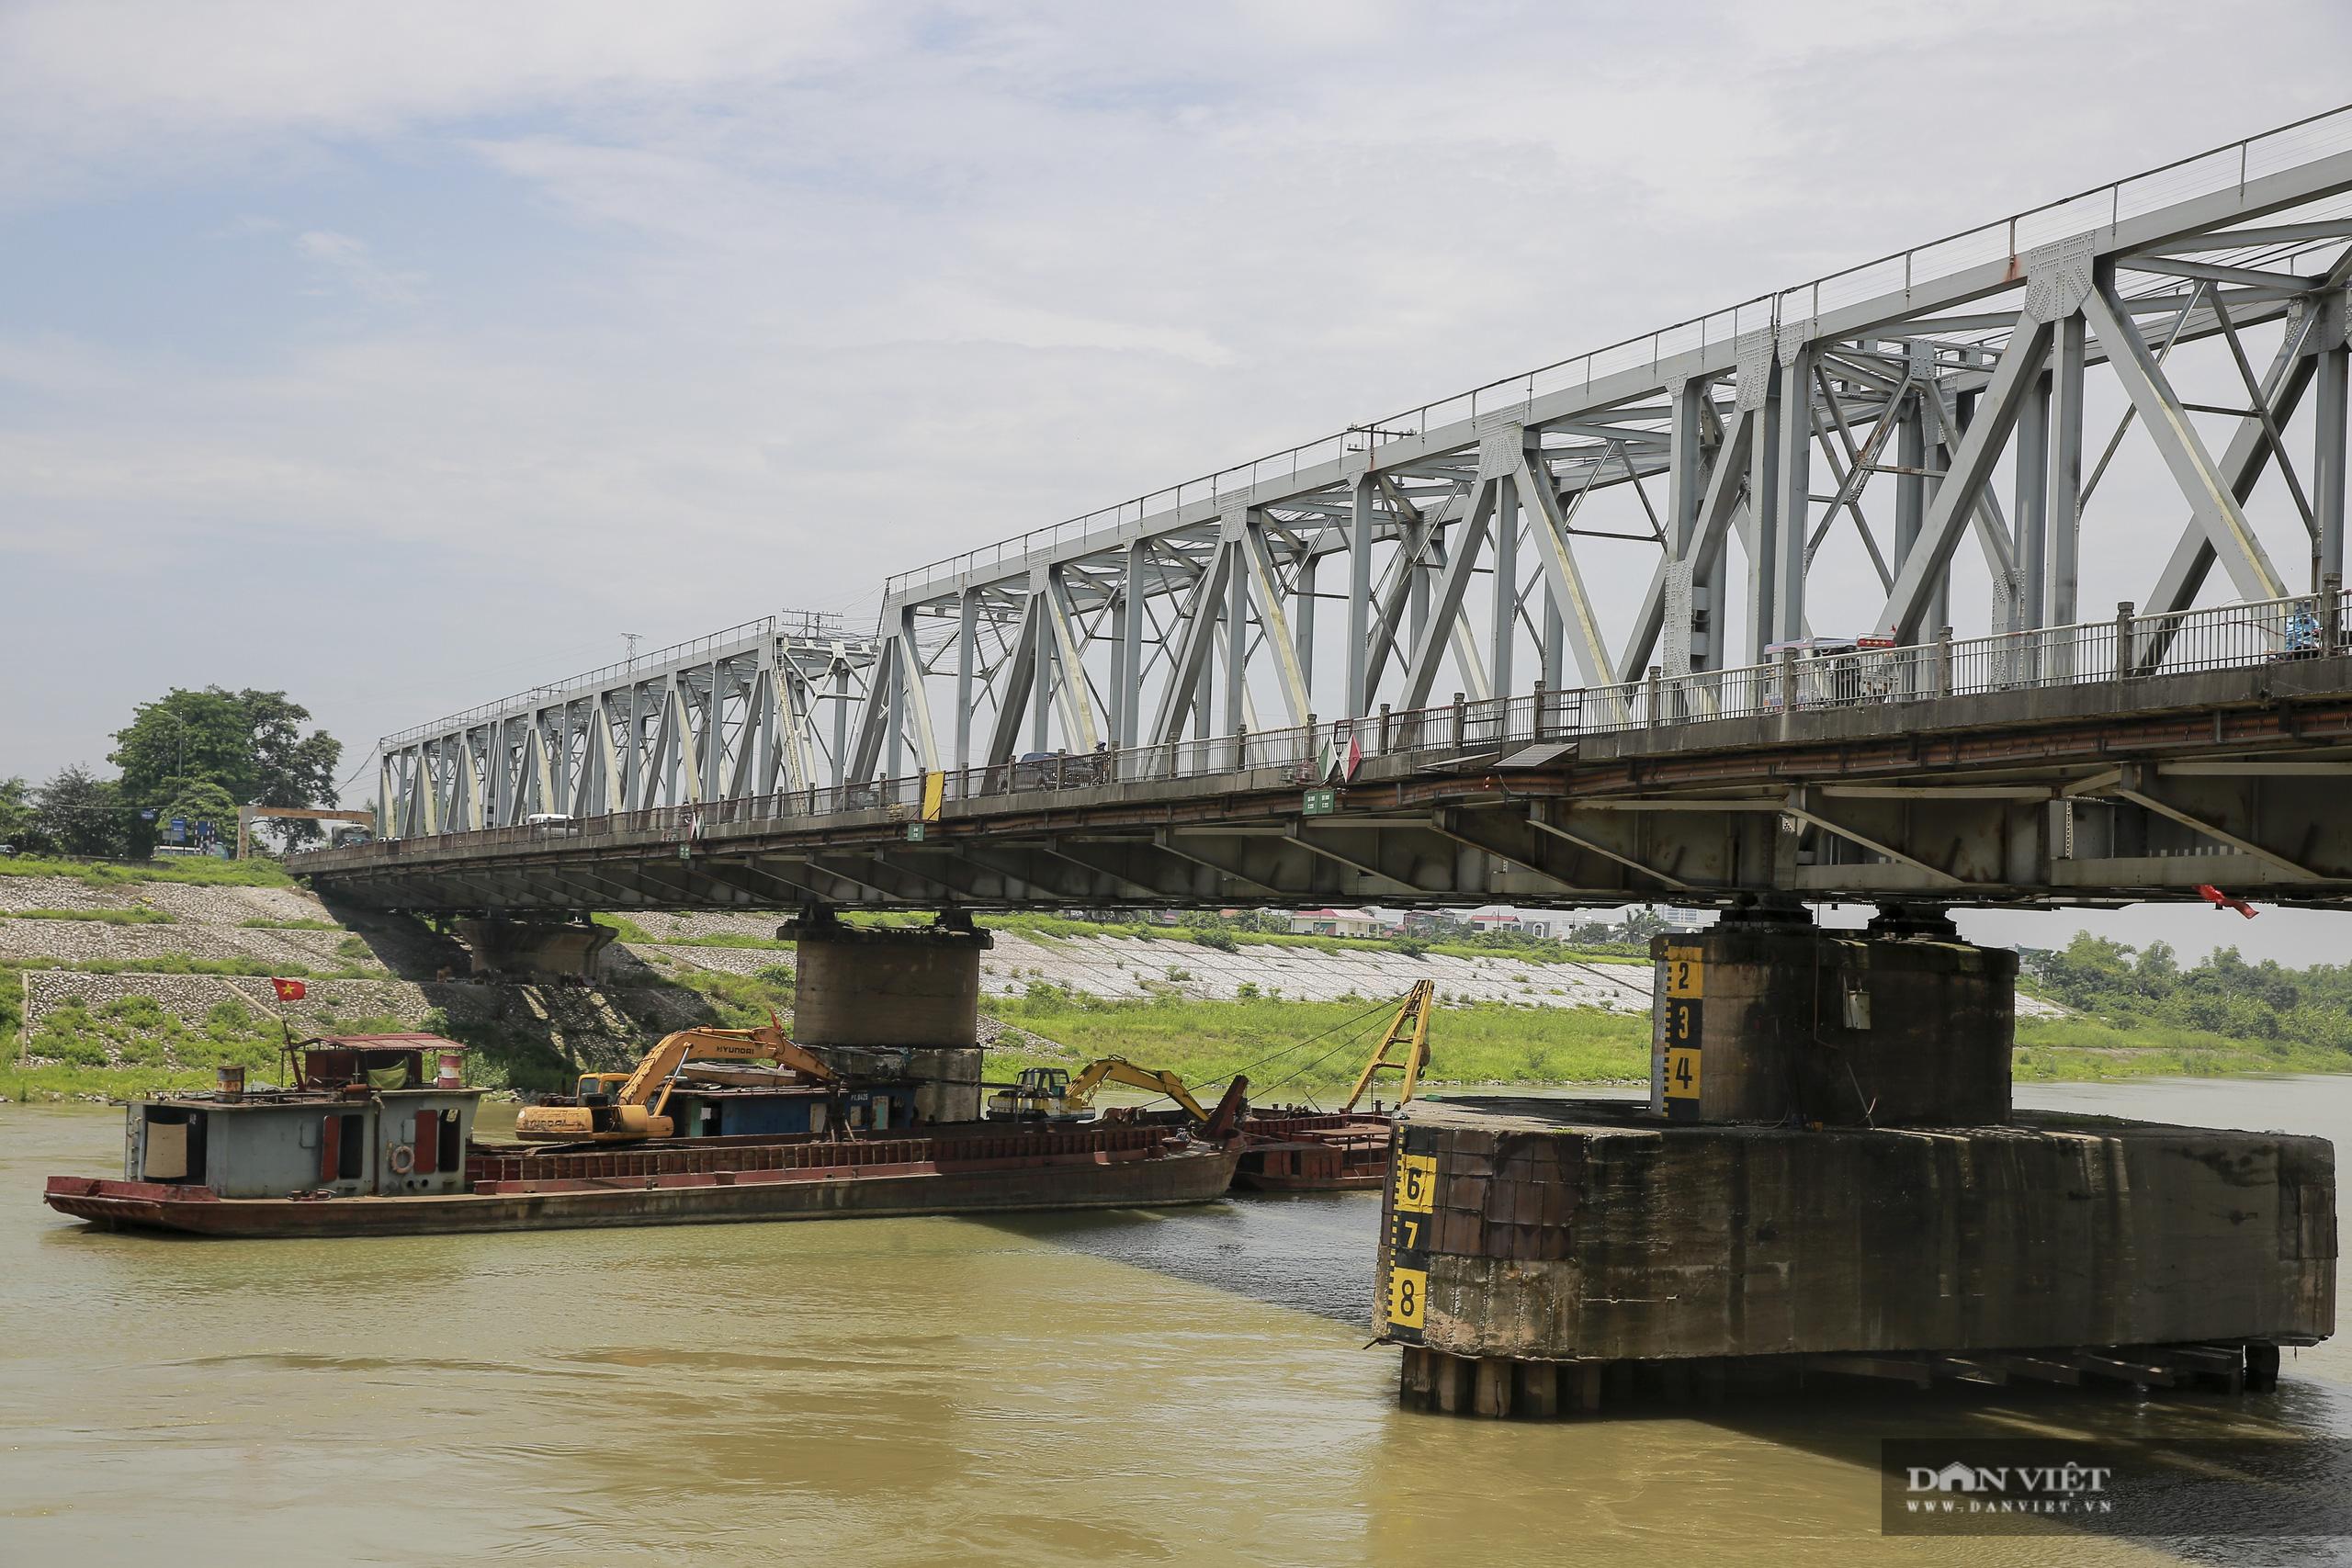 Cầu Đuống sửa chữa, tàu thuyền được phép di chuyển vào giờ nào? - Ảnh 5.